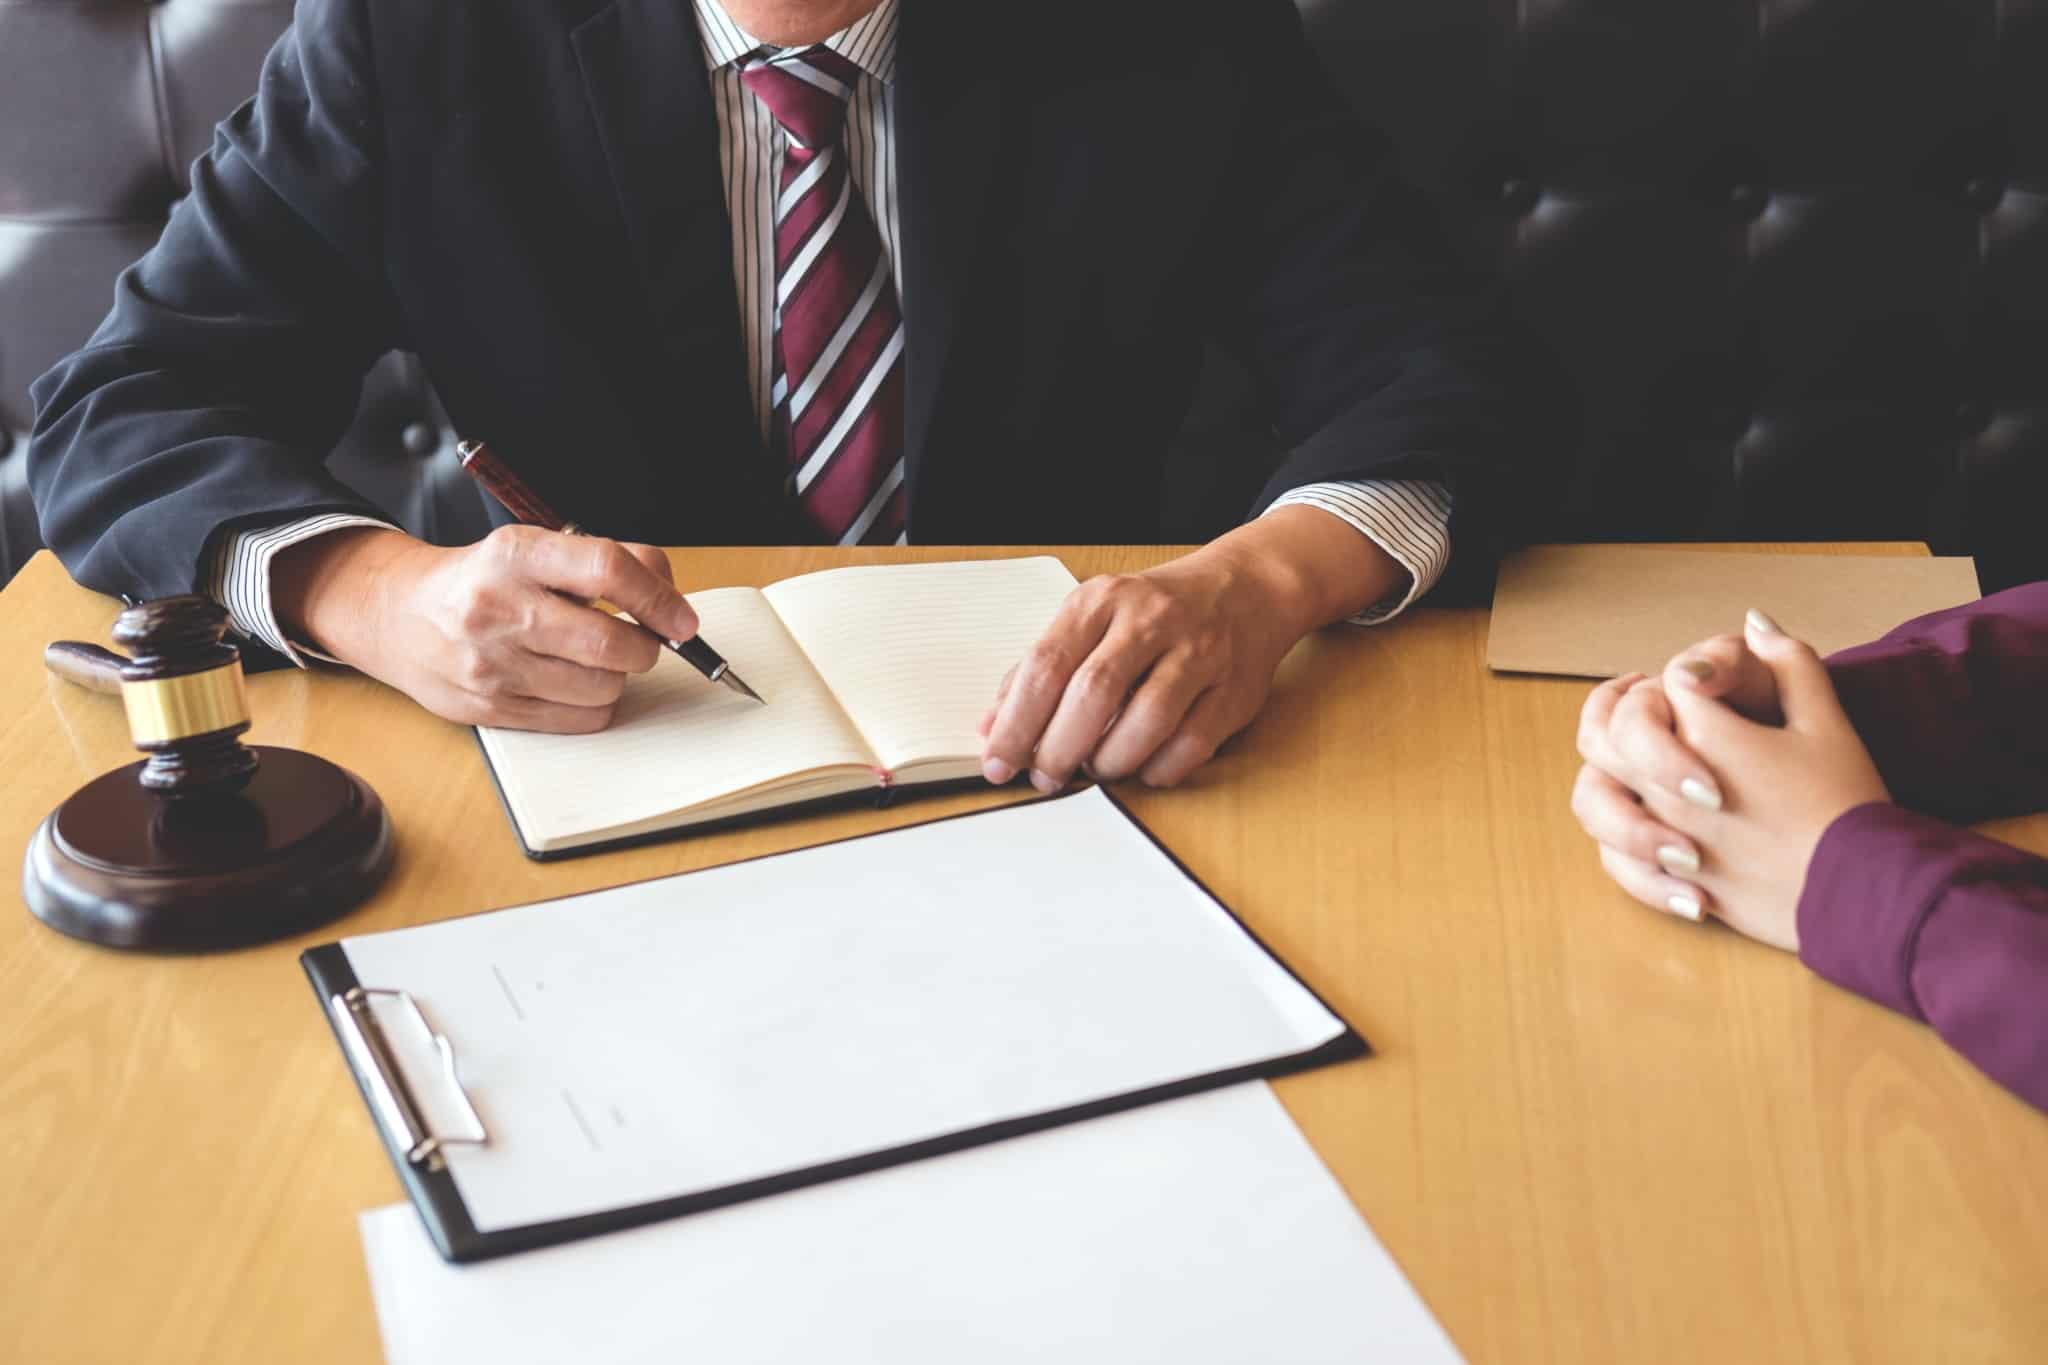 advogado a escrever bloco de notas